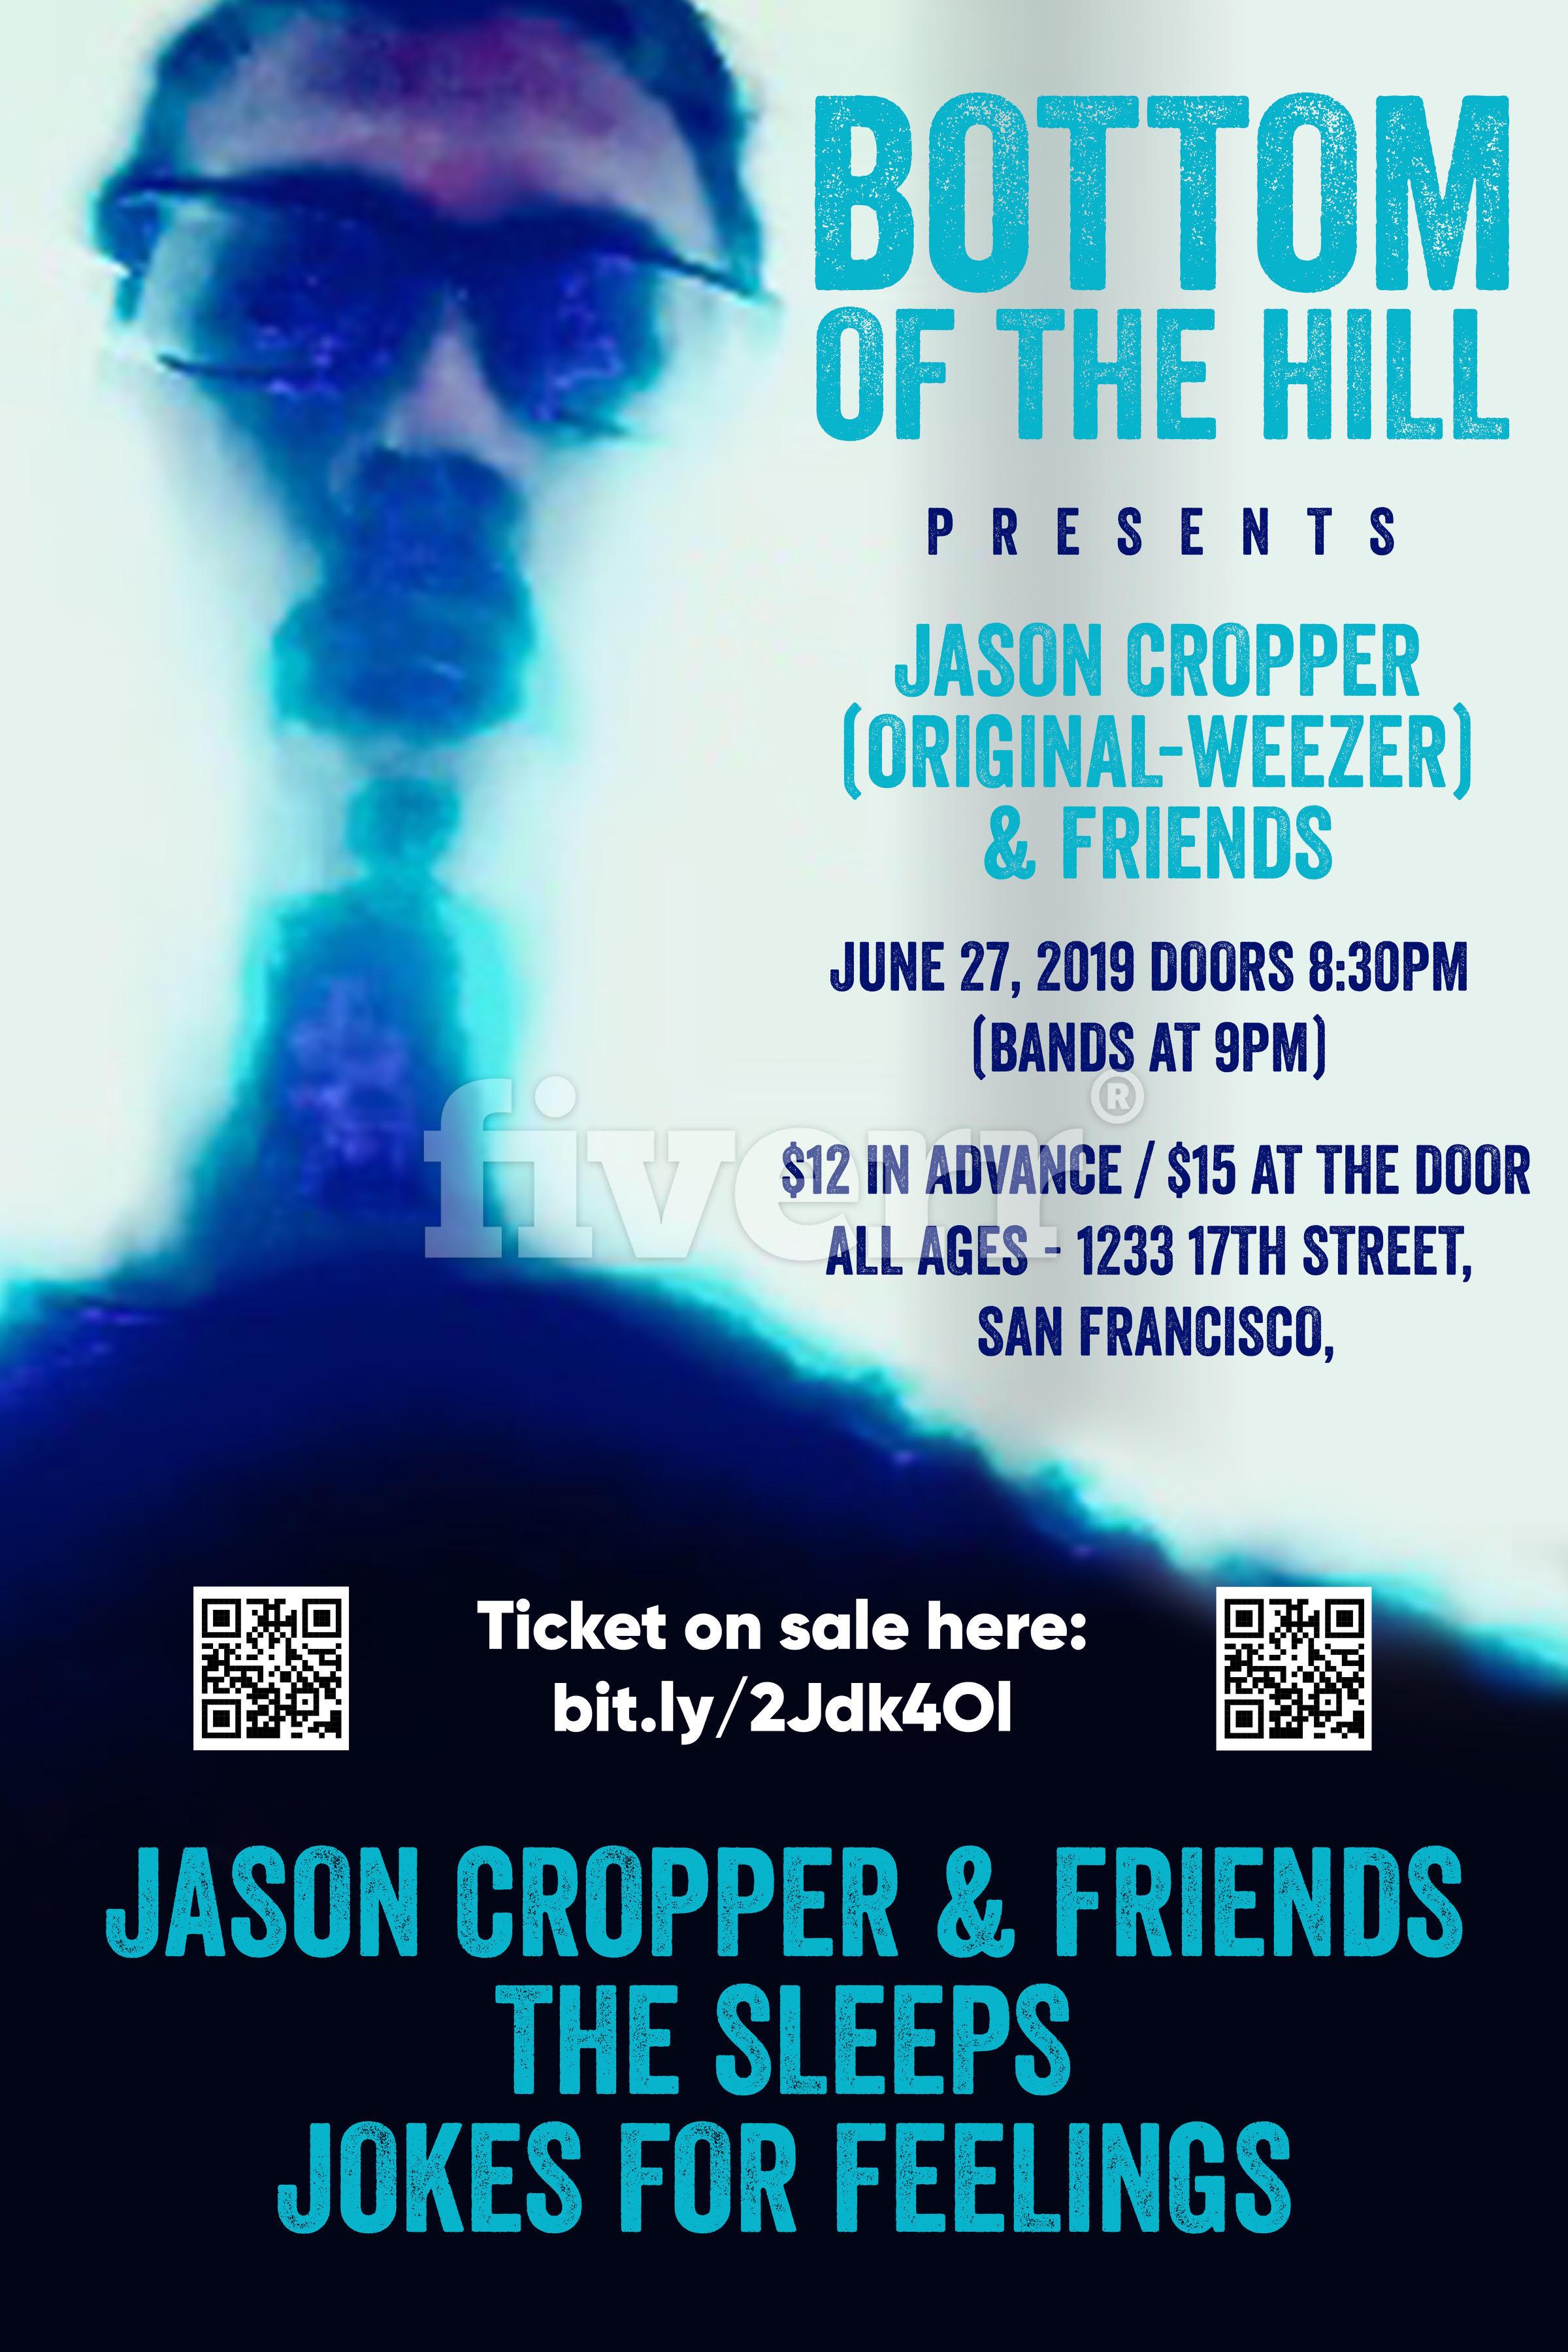 bottomofthehill: Jason Cropper ~ The Sleeps ~ Jokes For